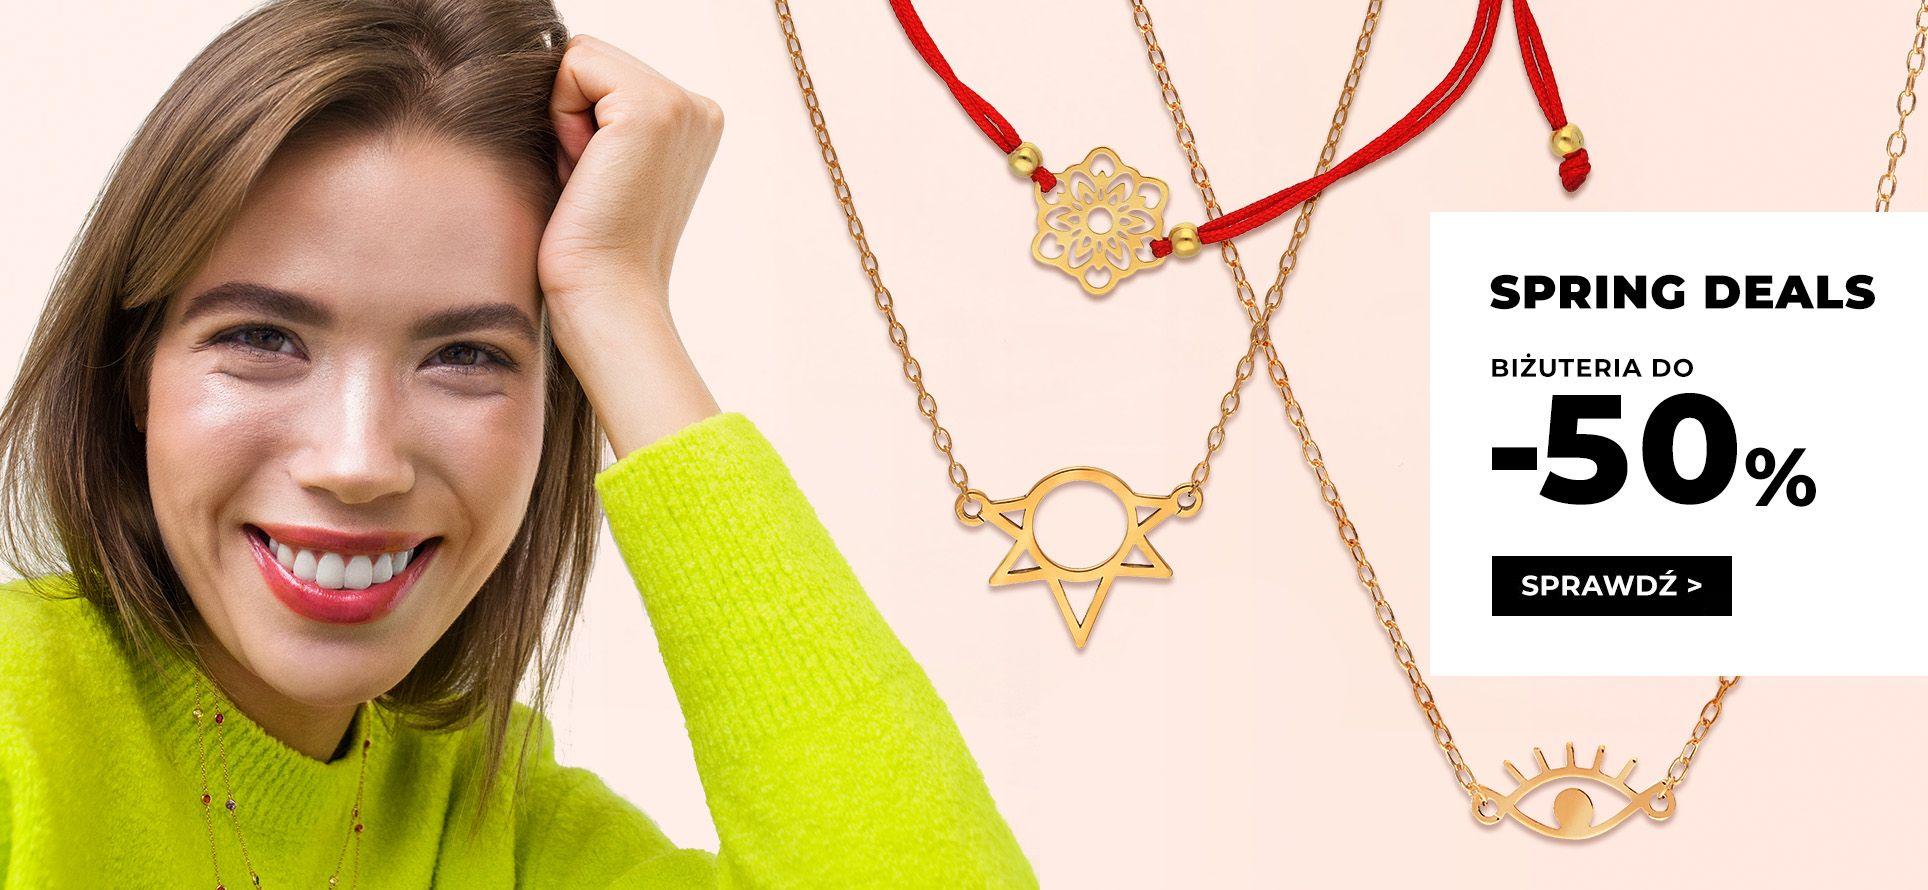 Picky Pica Picky Pica: do 50% rabatu na biżuterię damską